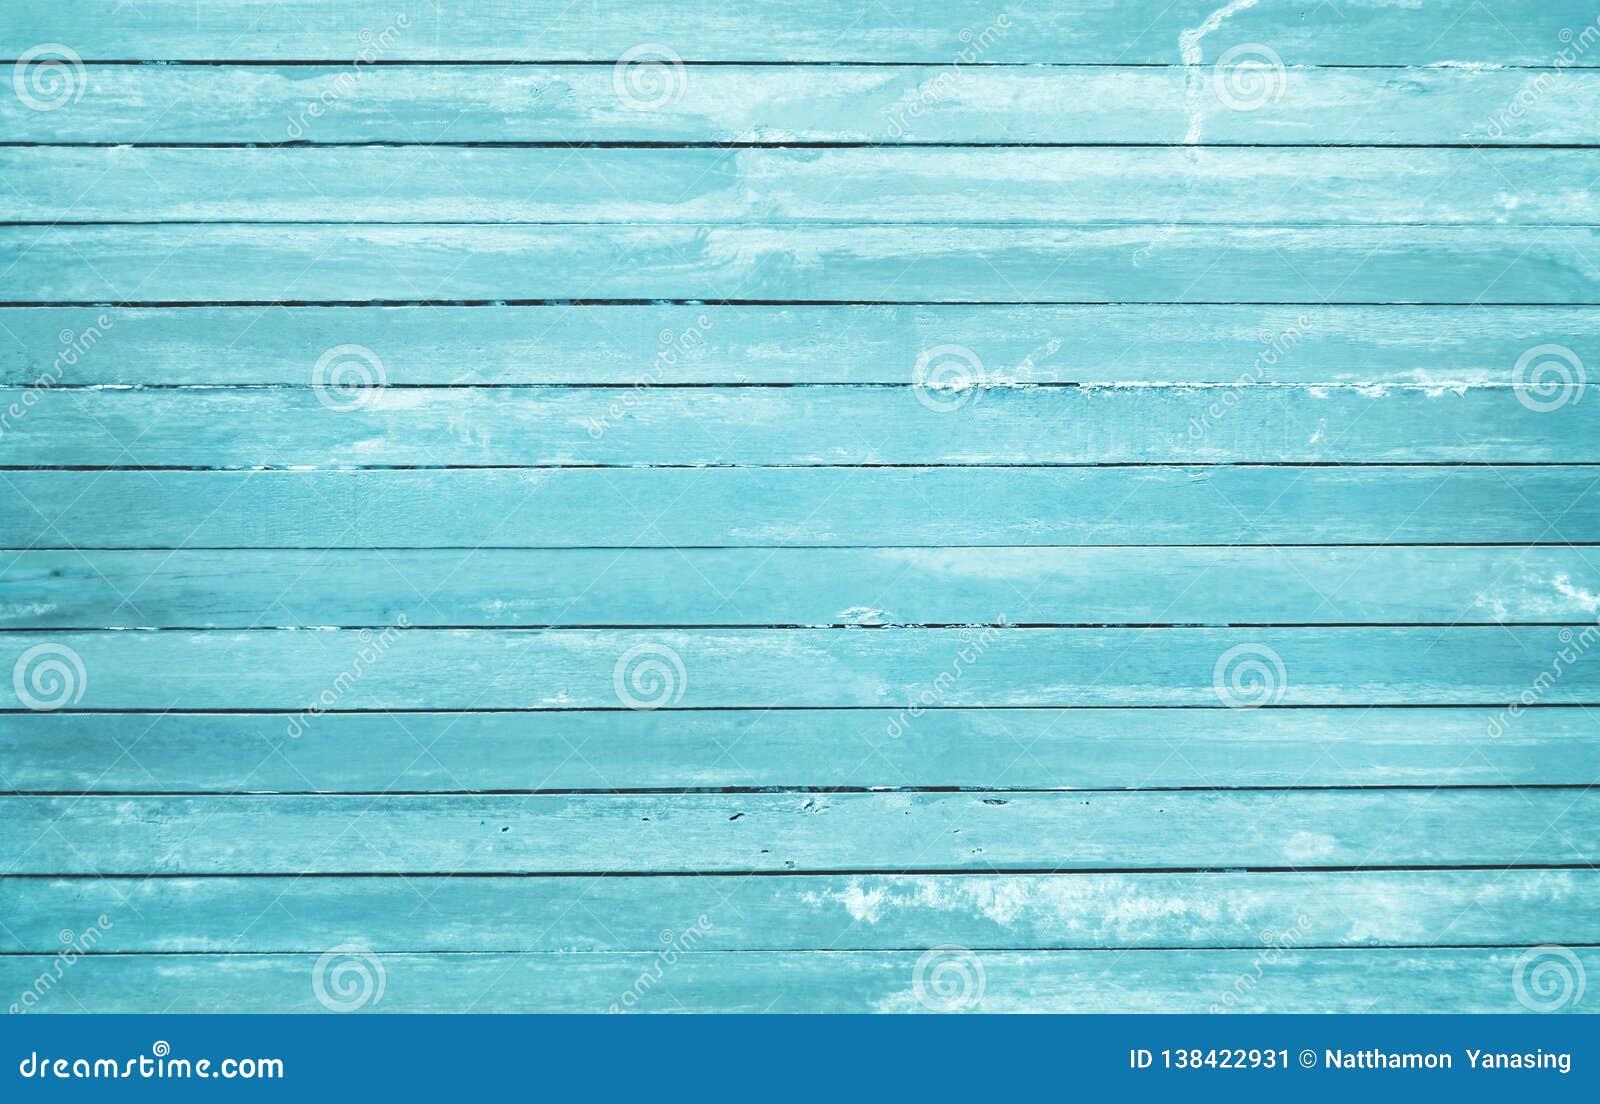 De wijnoogst schilderde houten muurachtergrond, textuur van blauwe pastelkleur met natuurlijke patronen voor het werk van de ontw